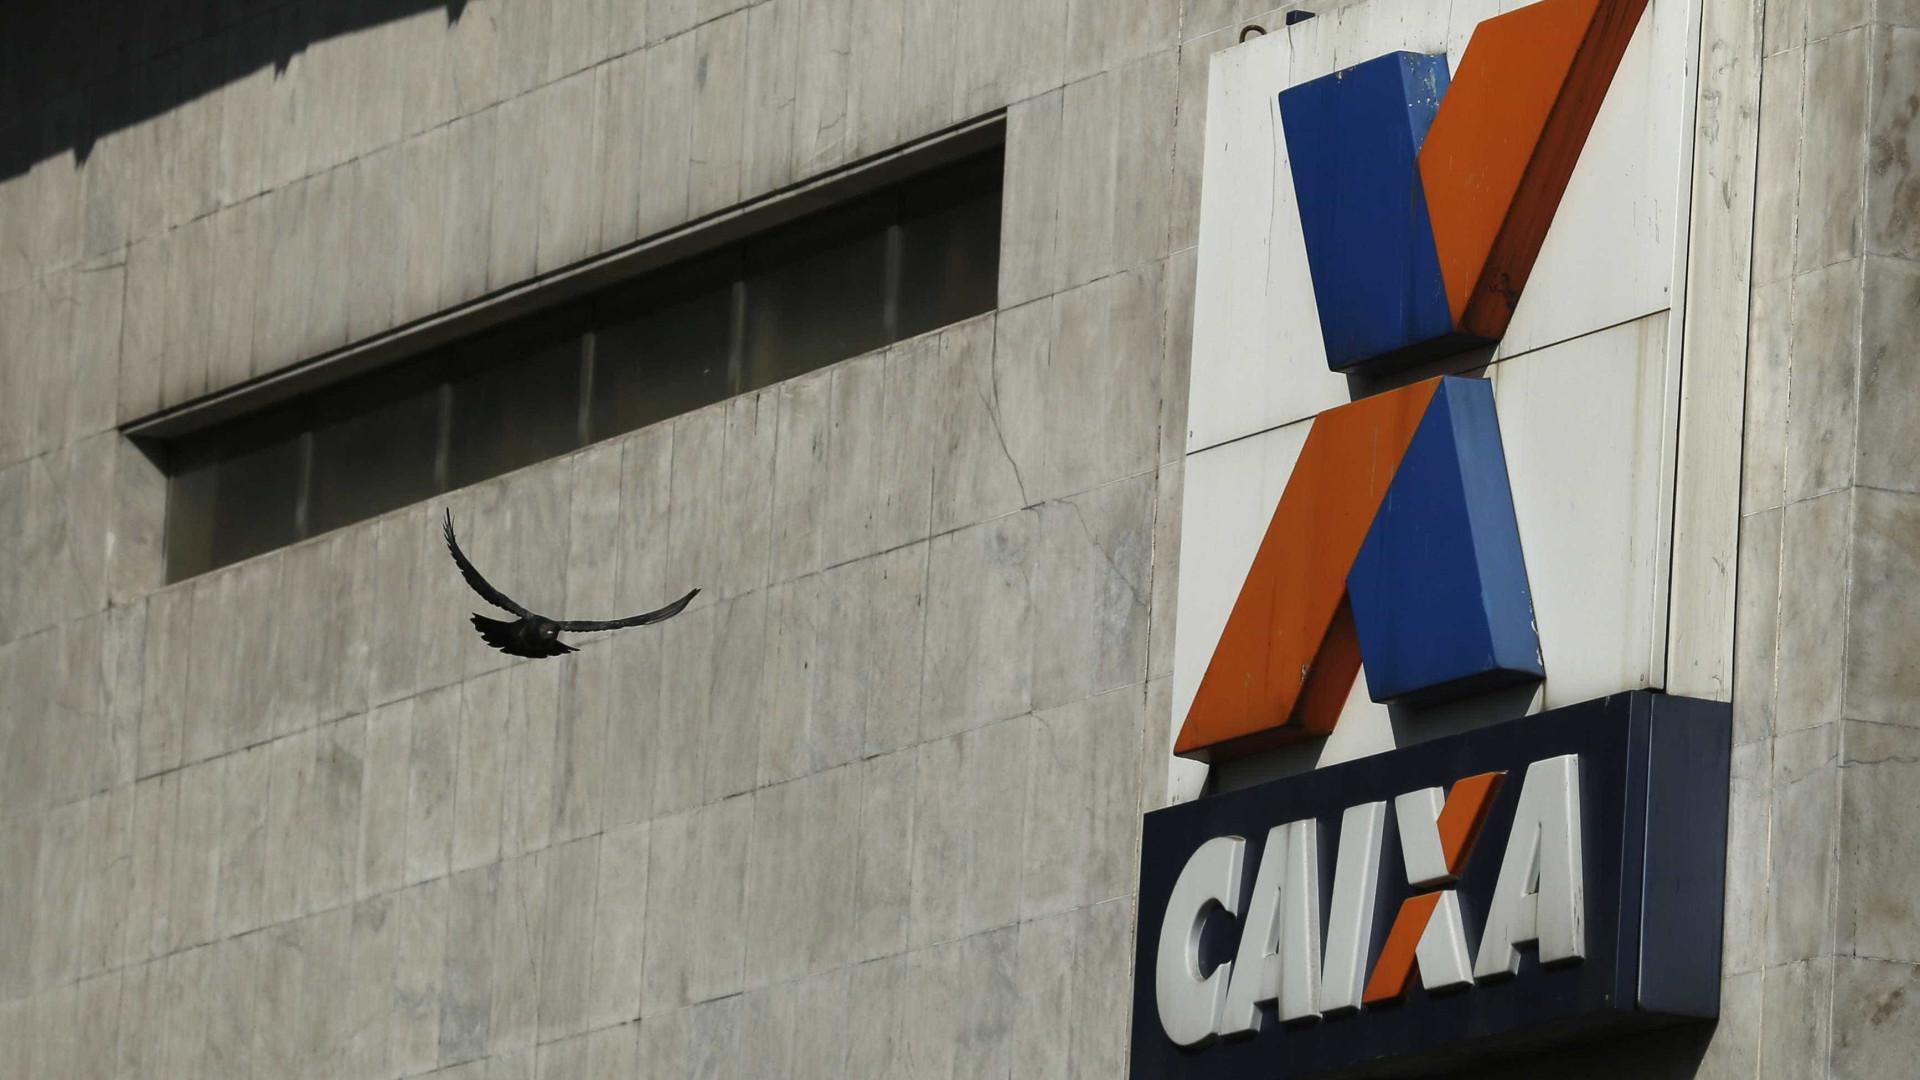 Bandidos 'explodem' agência da Caixa durante assalto em Ipanema